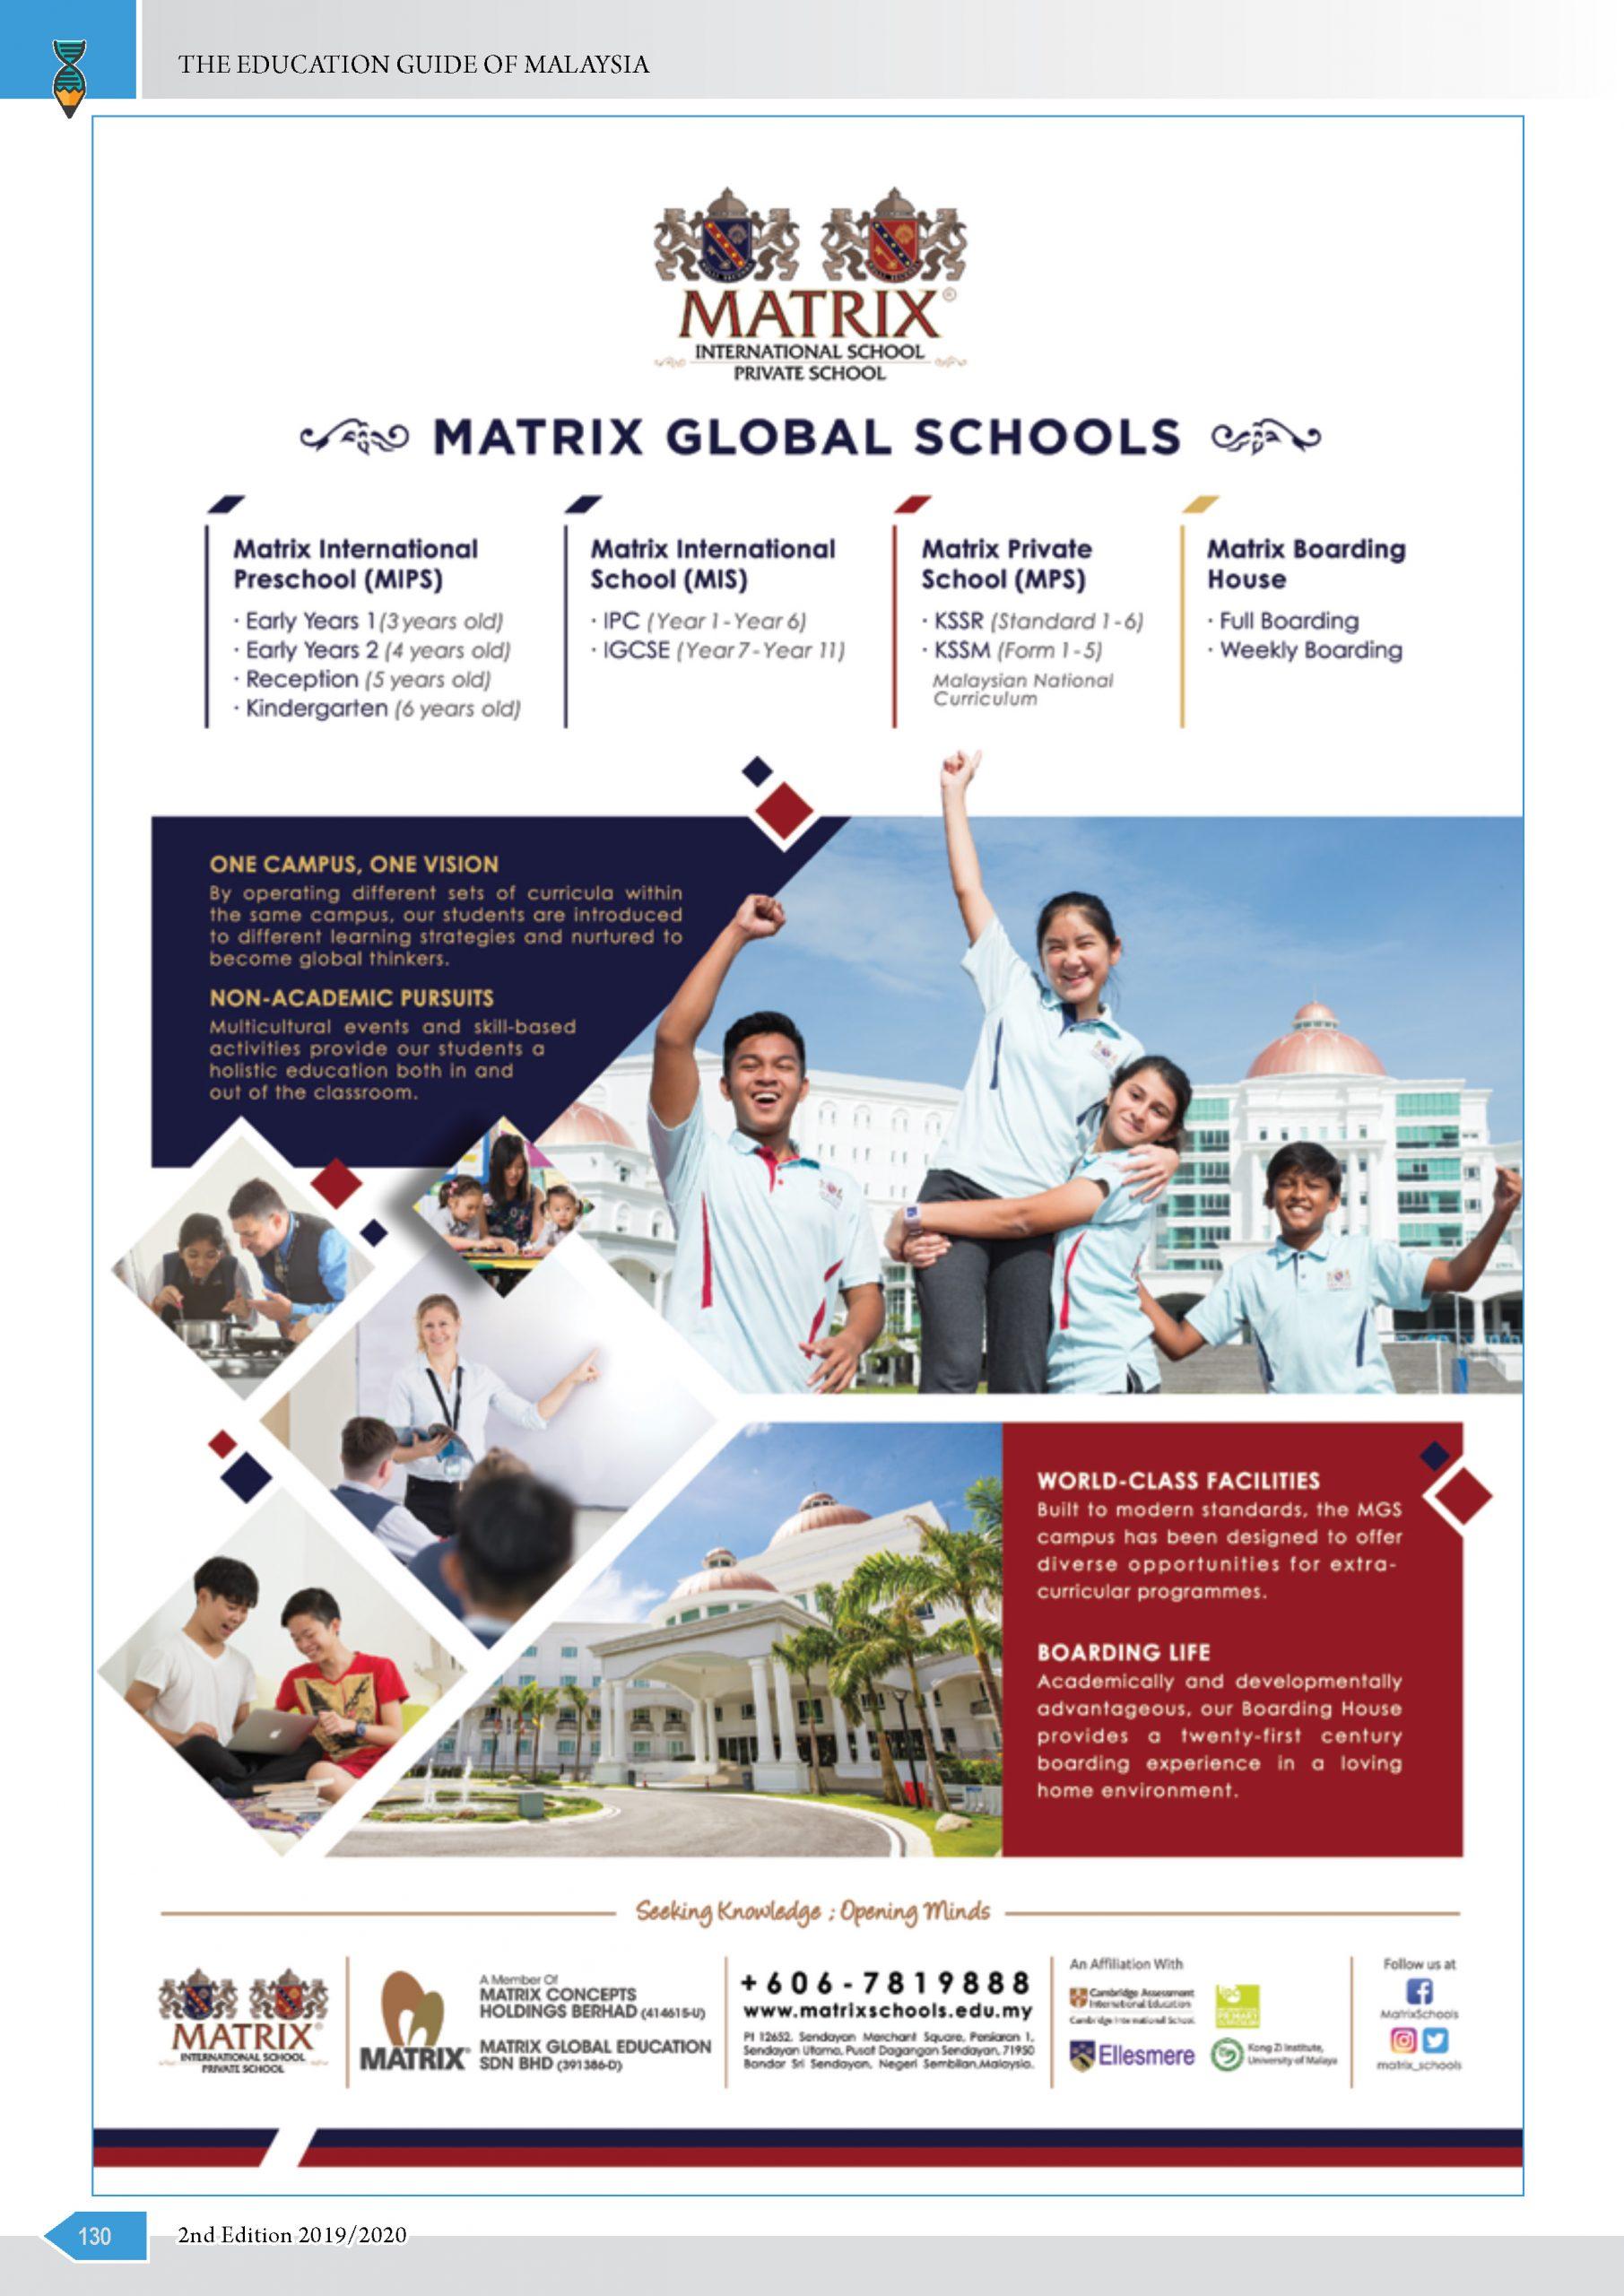 Matrix Global Schools